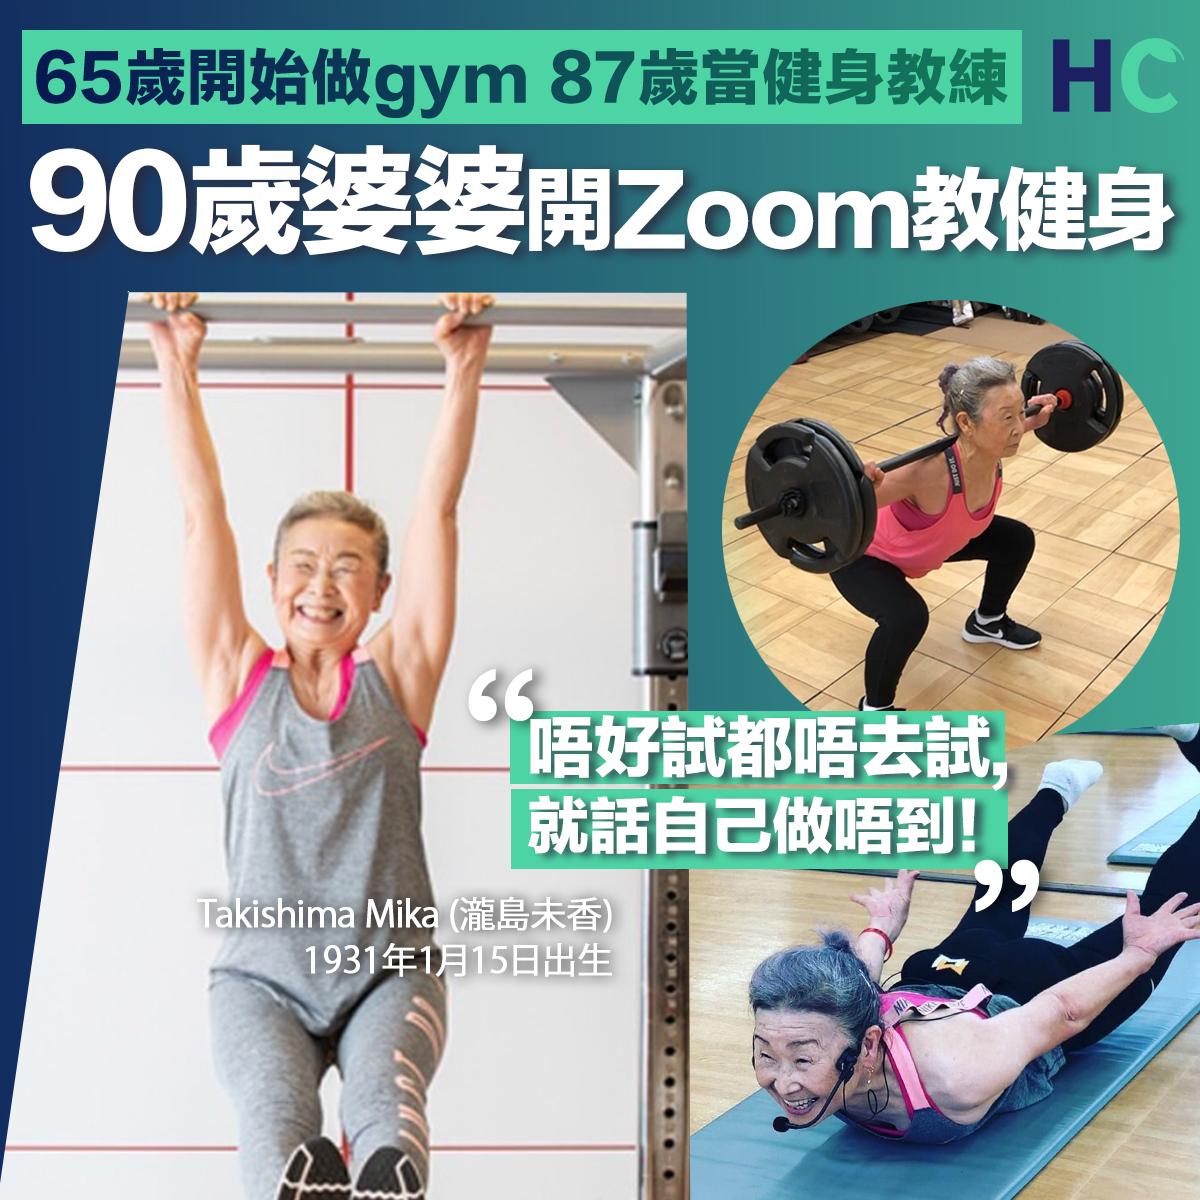 65歲開始做GYM  90歲婆婆開Zoom教健身